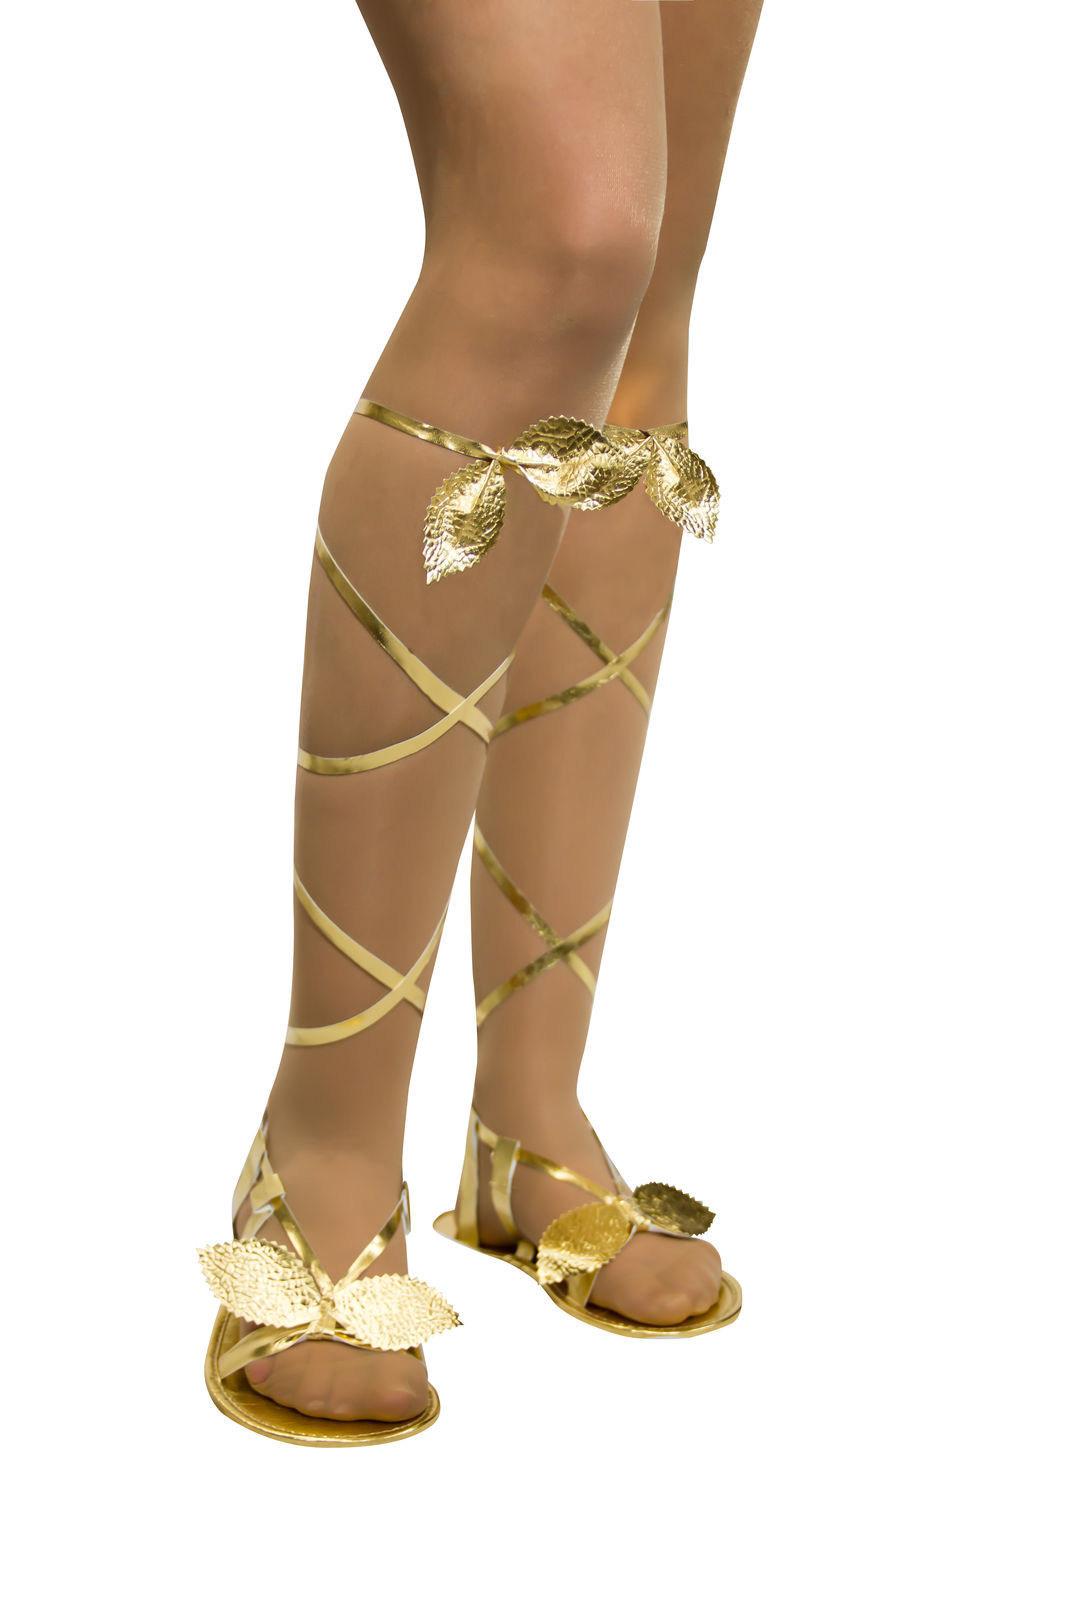 fcbc7dc08 Sandálias gregas/romanas douradas mulher: Acessórios,mascarilhas e fatos de  carnaval - Vegaoo